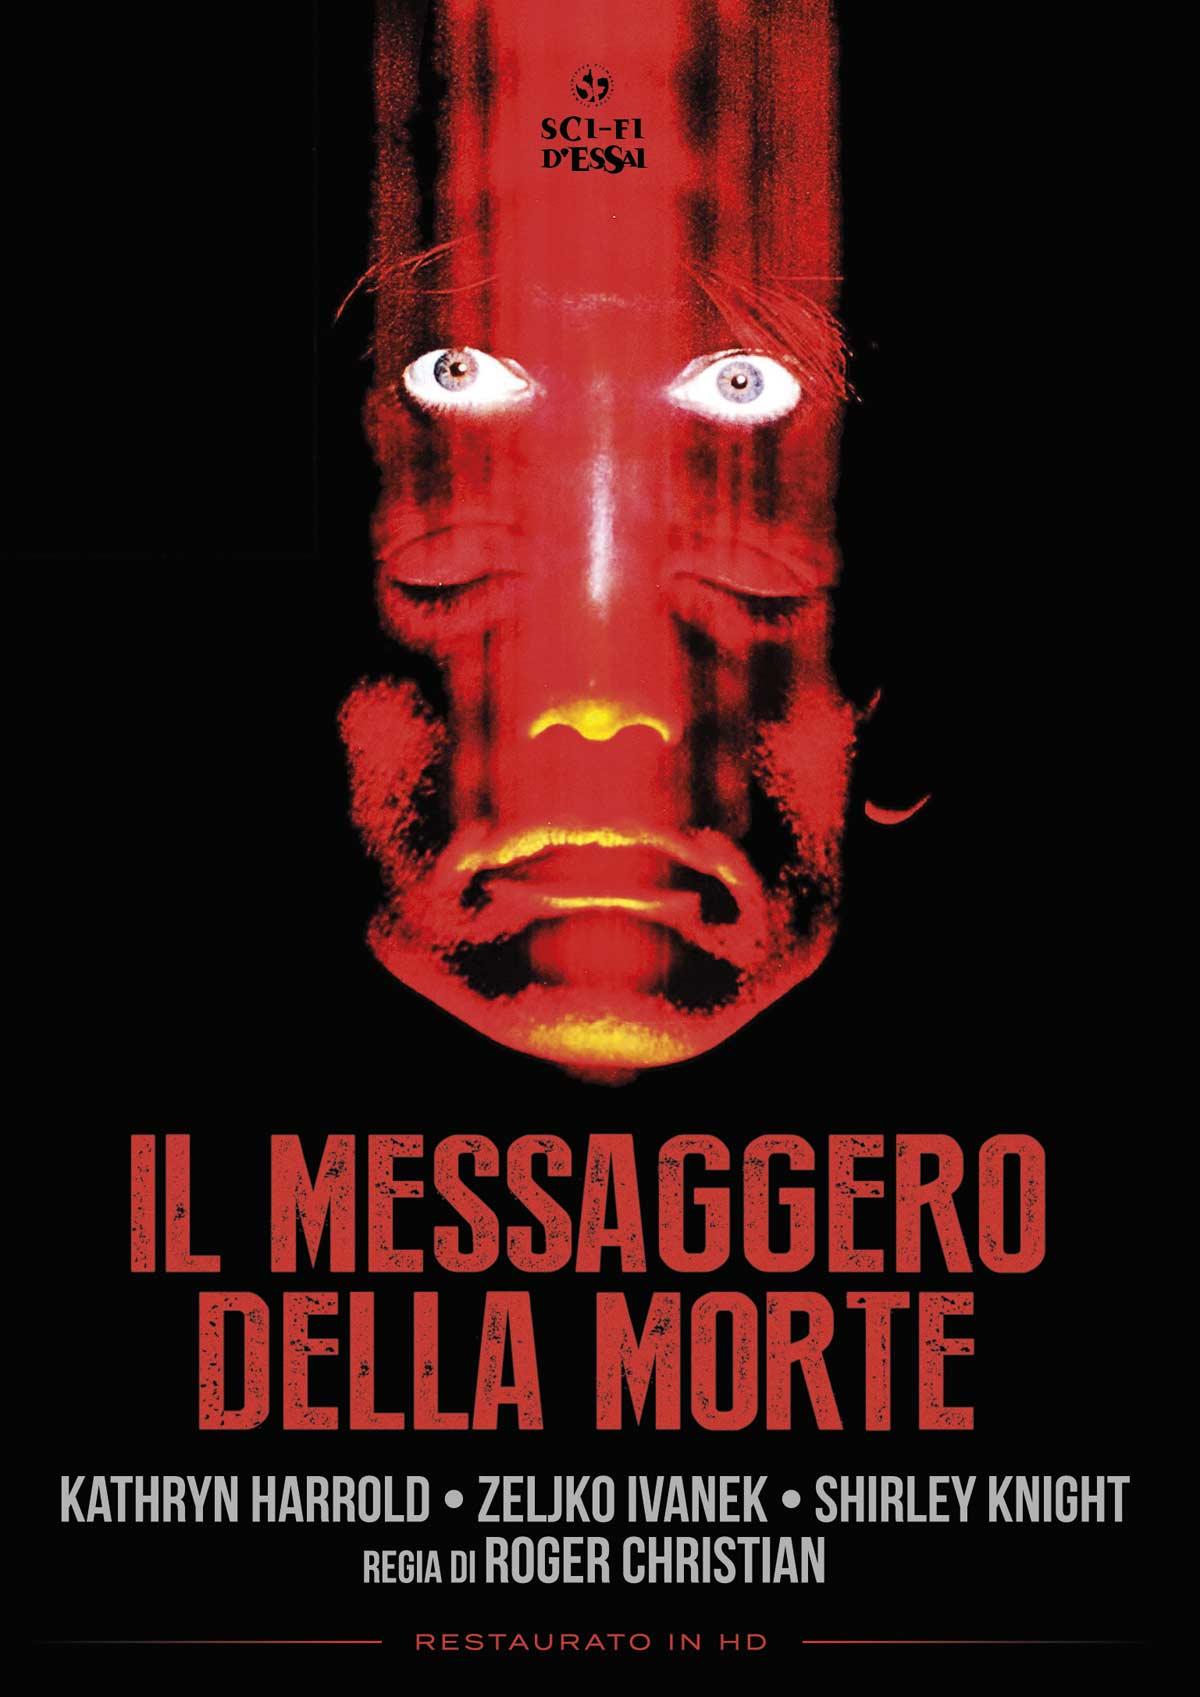 IL MESSAGGERO DELLA MORTE (RESTAURATO IN HD) (DVD)